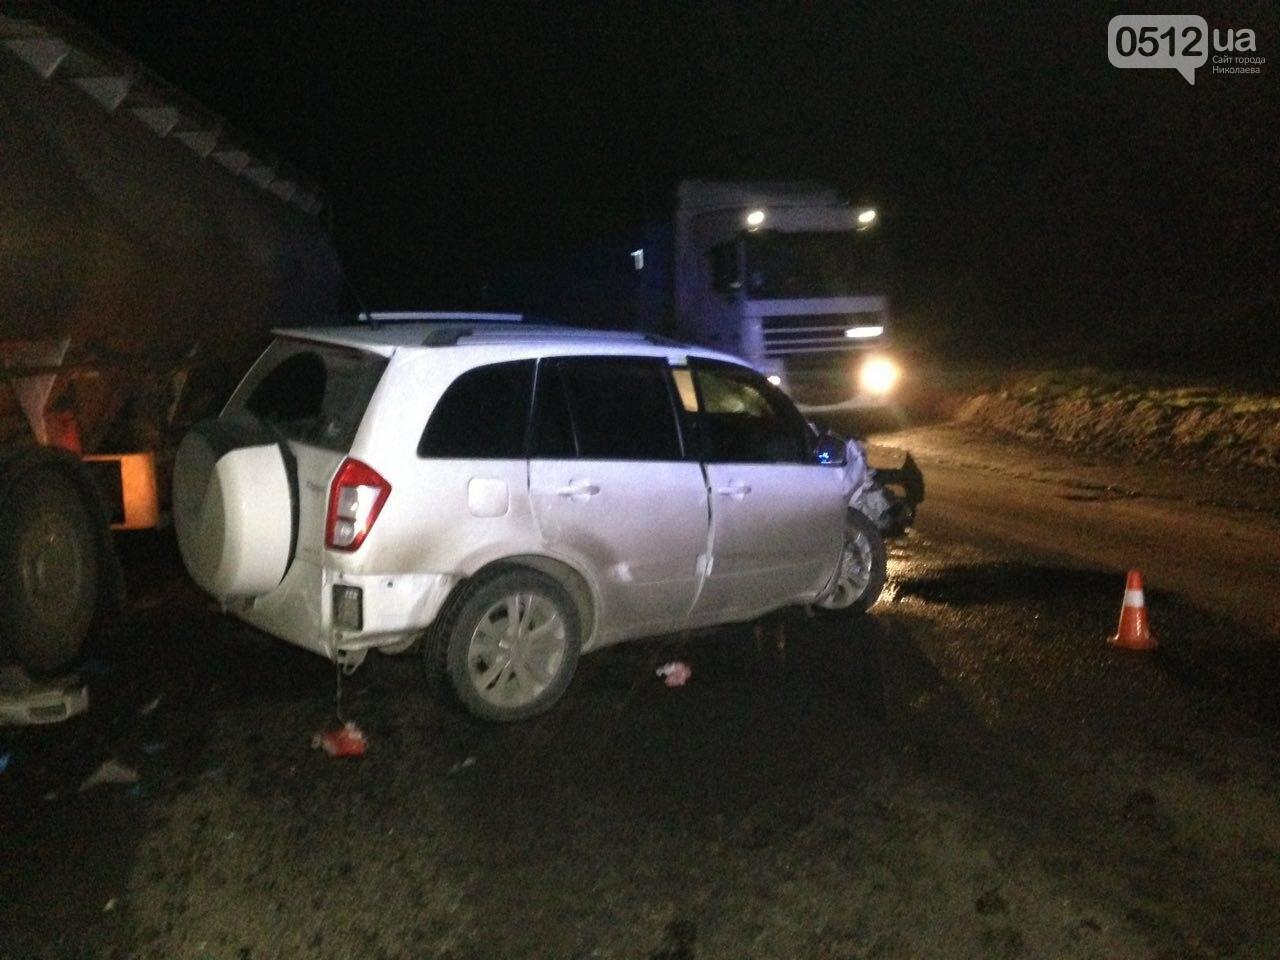 """На въезде в Николаев """"легковушка"""" лоб в лоб столкнулась с грузовиком - есть пострадавшие, - ФОТО, ВИДЕО, фото-12"""